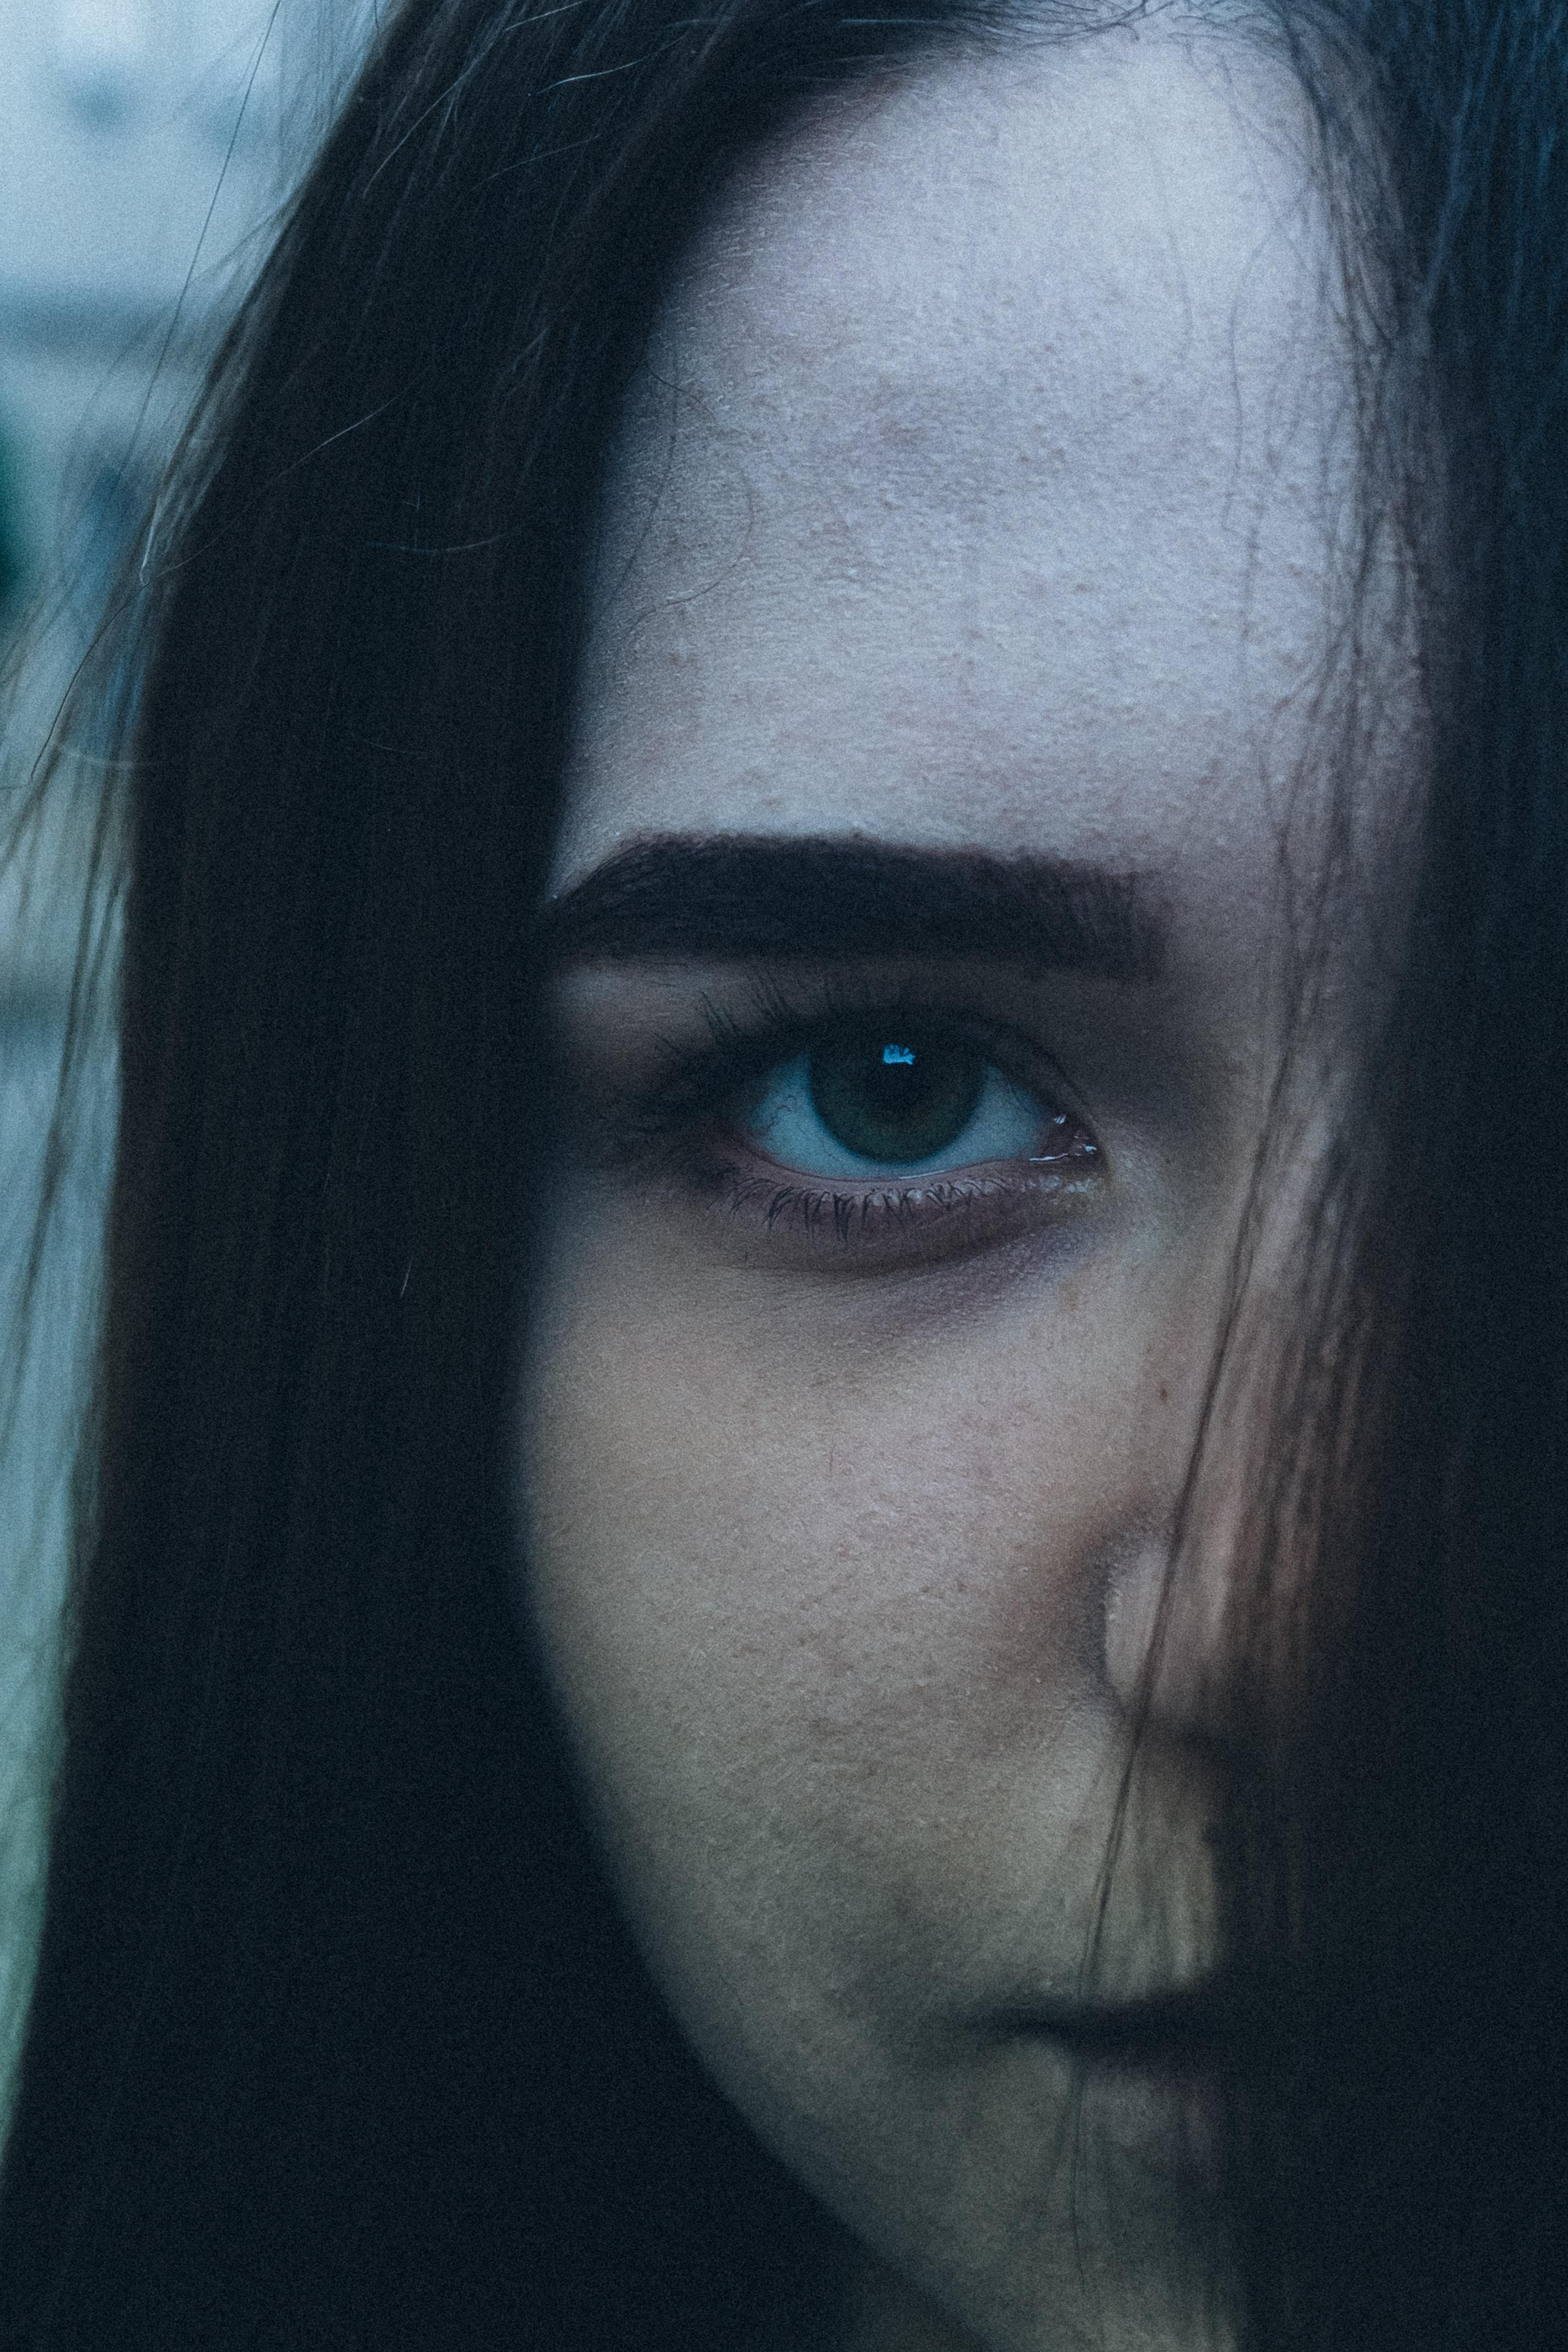 closeup photo of half face of woman